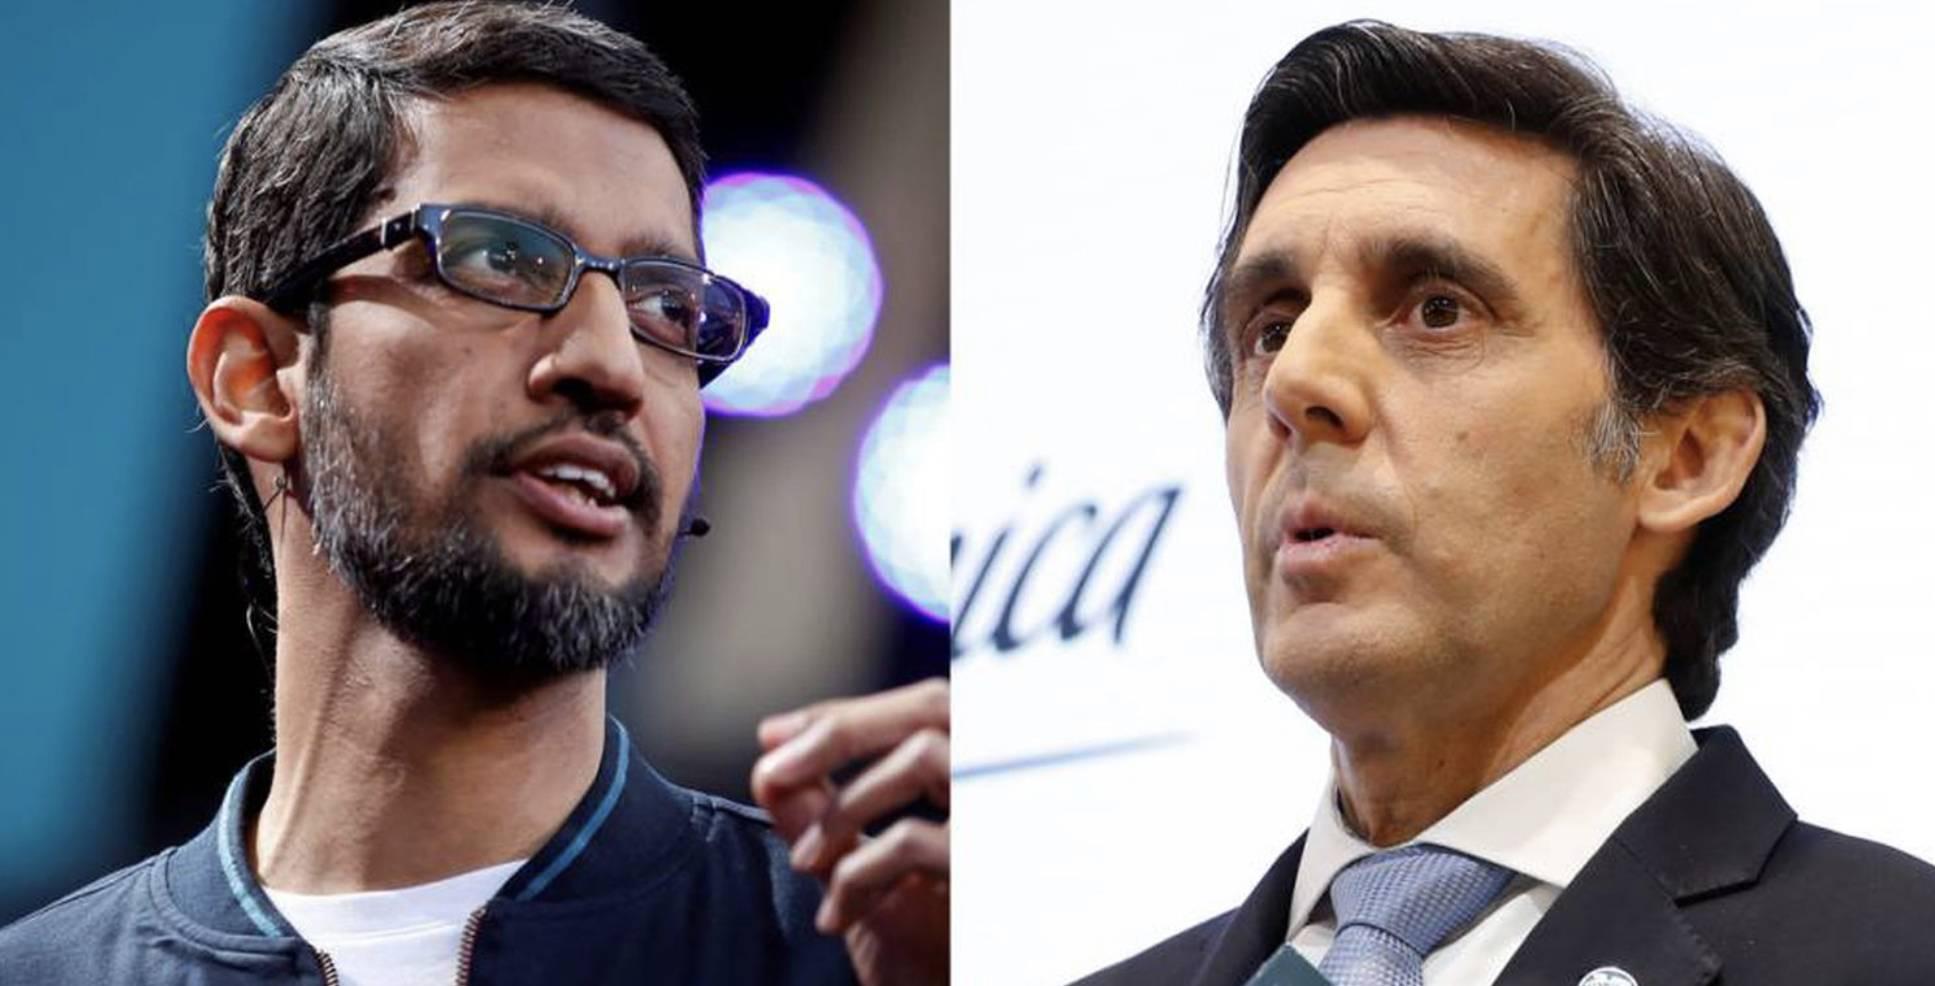 Sundar Pichai, consejero delegado de Google y Alphabet, y José María Álvarez-Pallete, presidente ejecutivo de Telefónica.REUTERS/P. MONGE